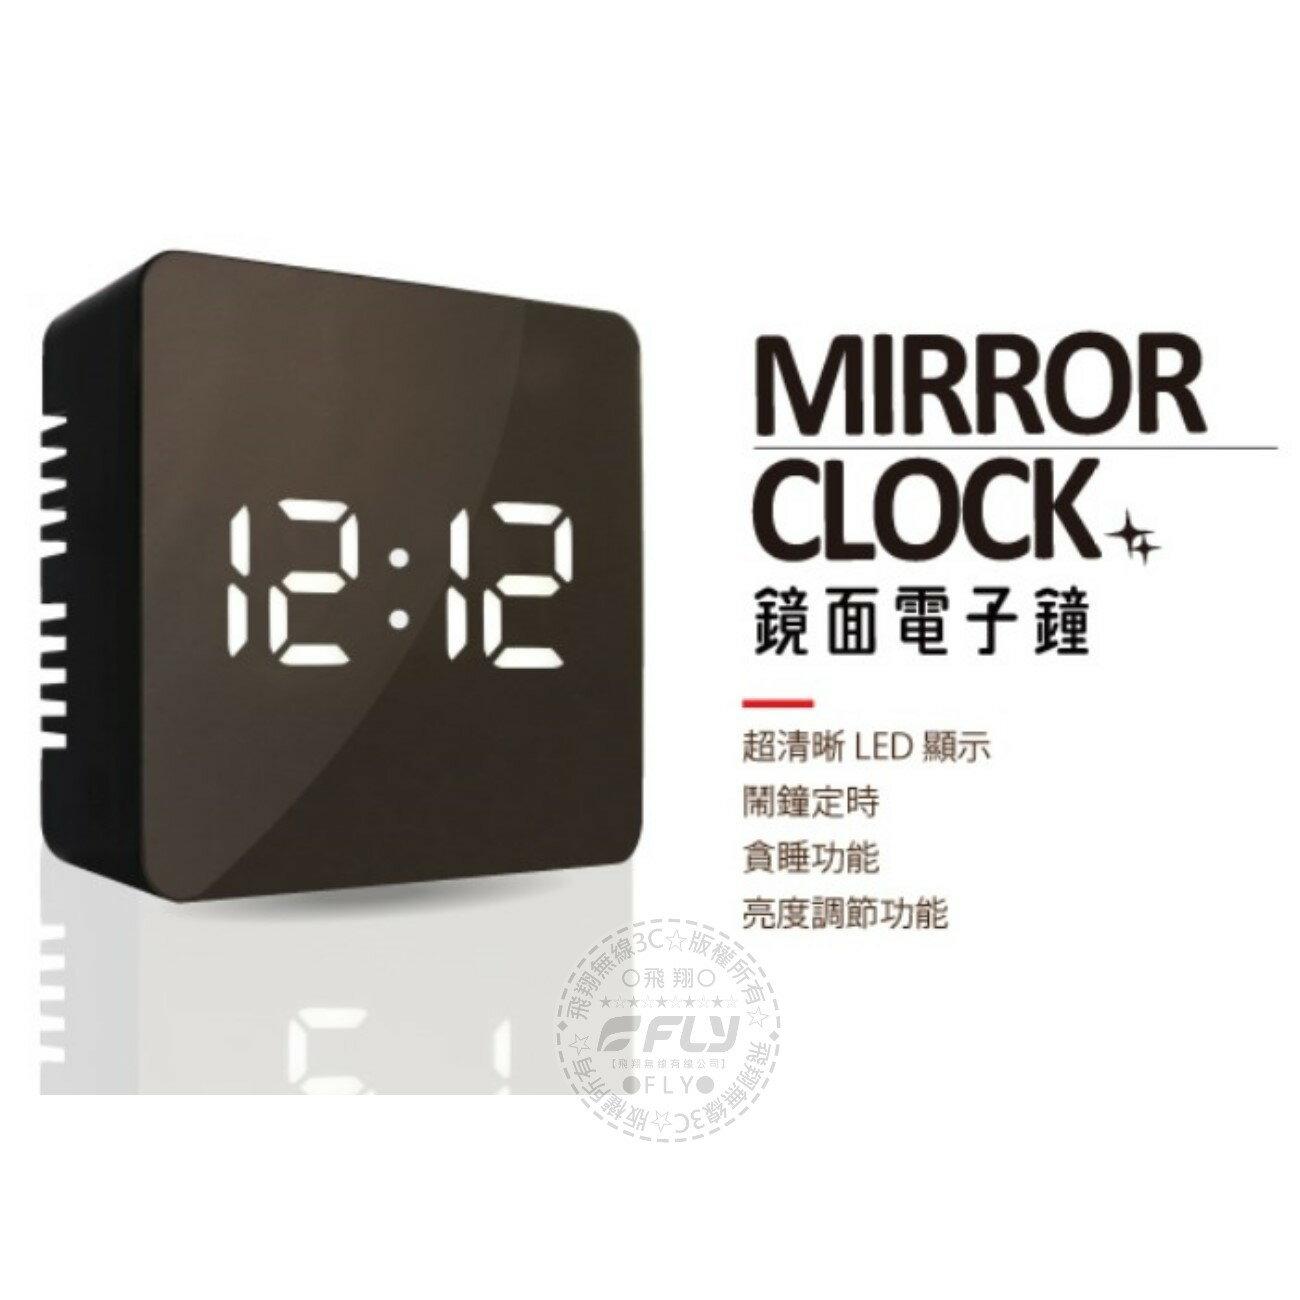 《飛翔無線3C》KINYO 耐嘉 TD-392 多功能鏡面電子鐘│公司貨│LED高清鬧鐘 溫度顯示 貪睡功能